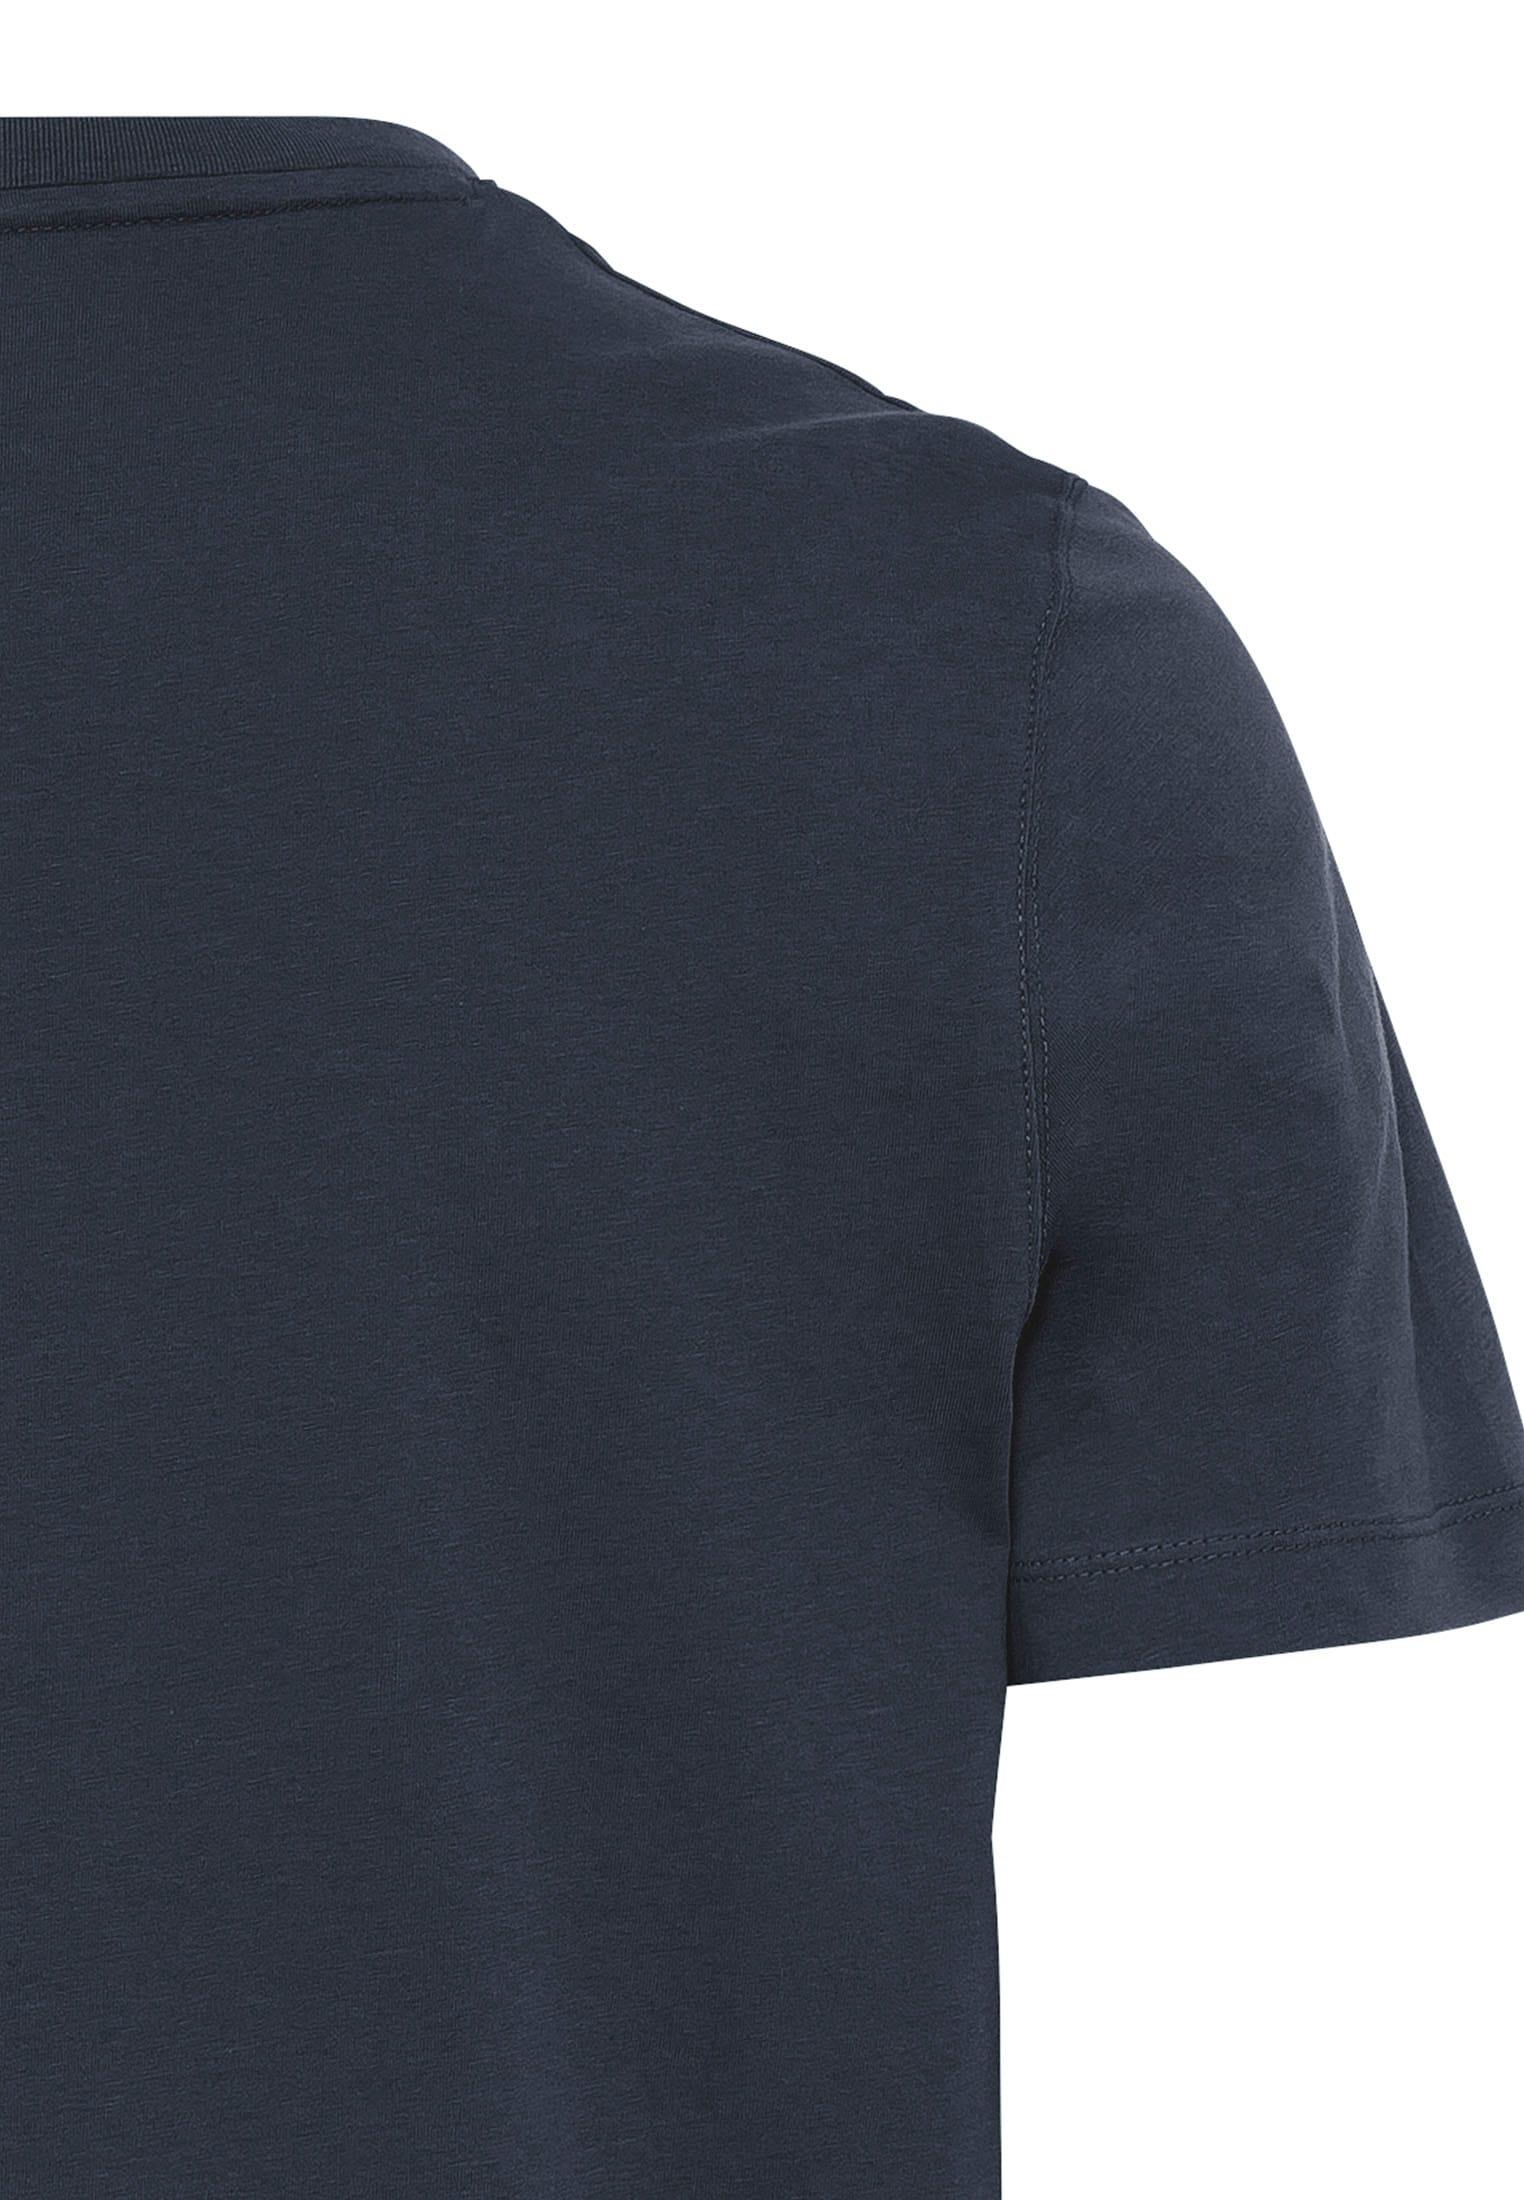 camel active -  T-Shirt, unifarben